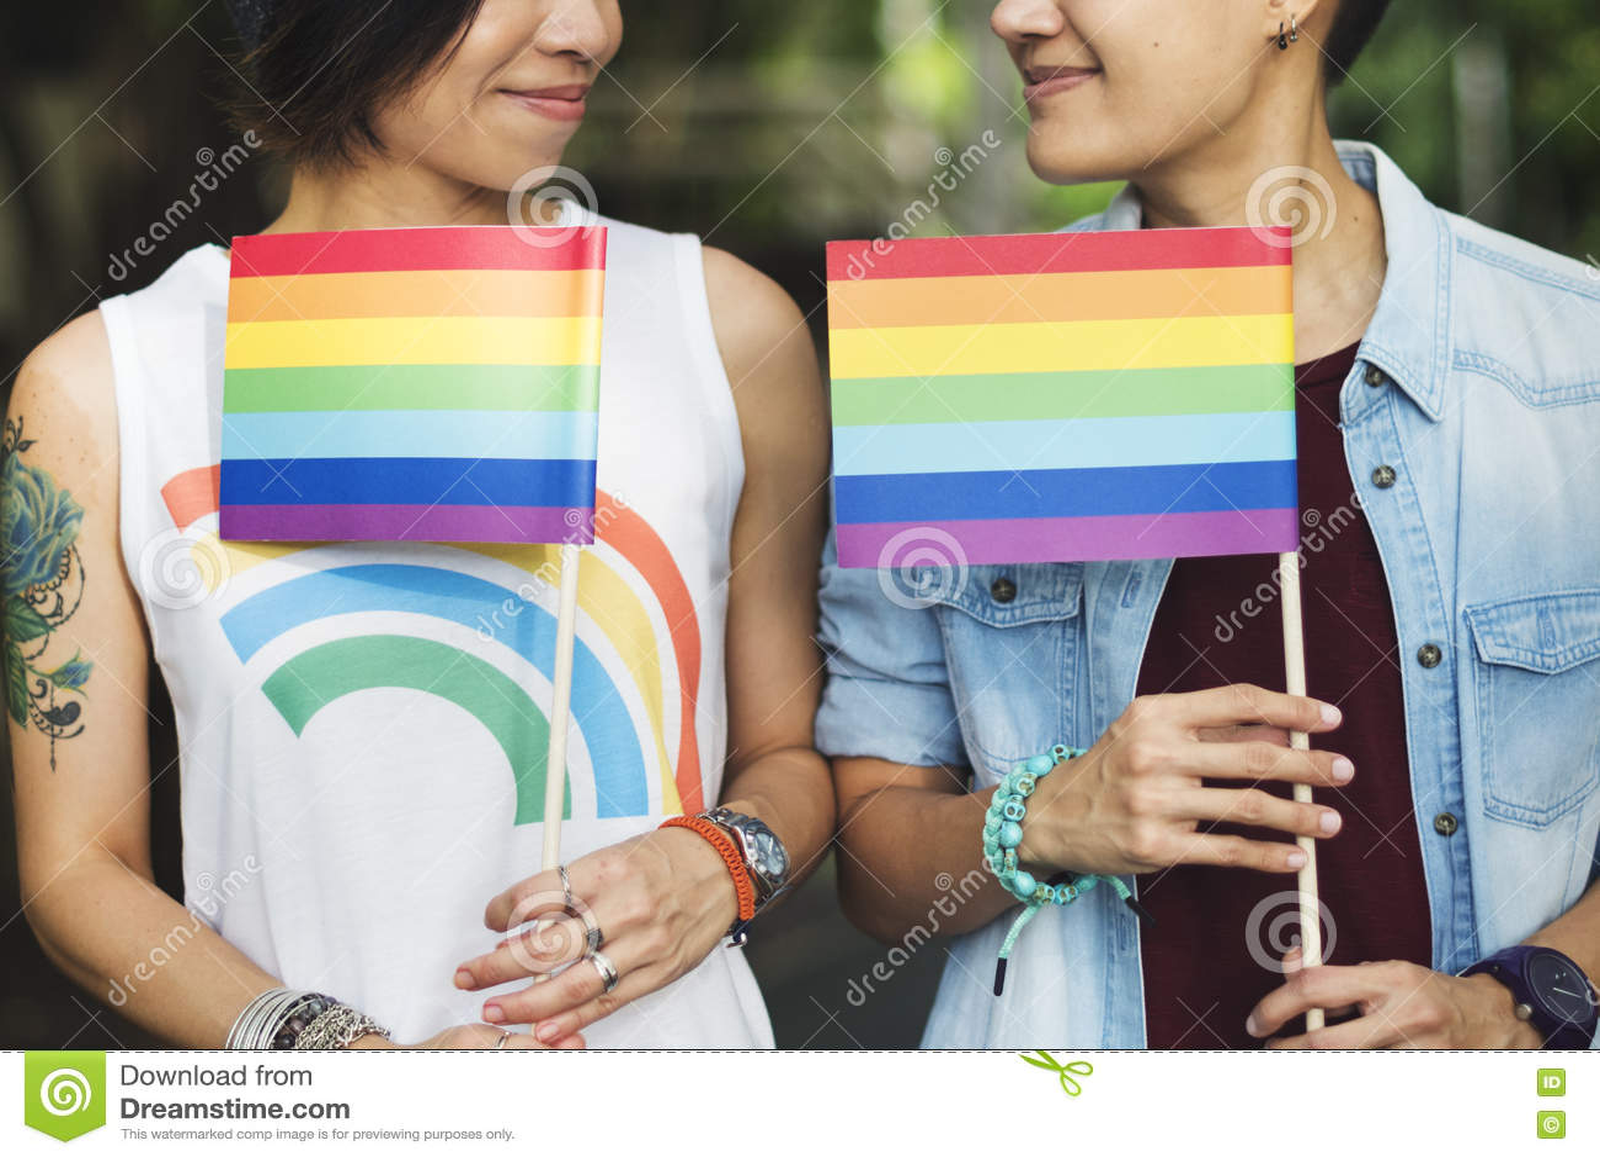 Van het Paarogenblikken van LGBT Lesbisch het Gelukconcept